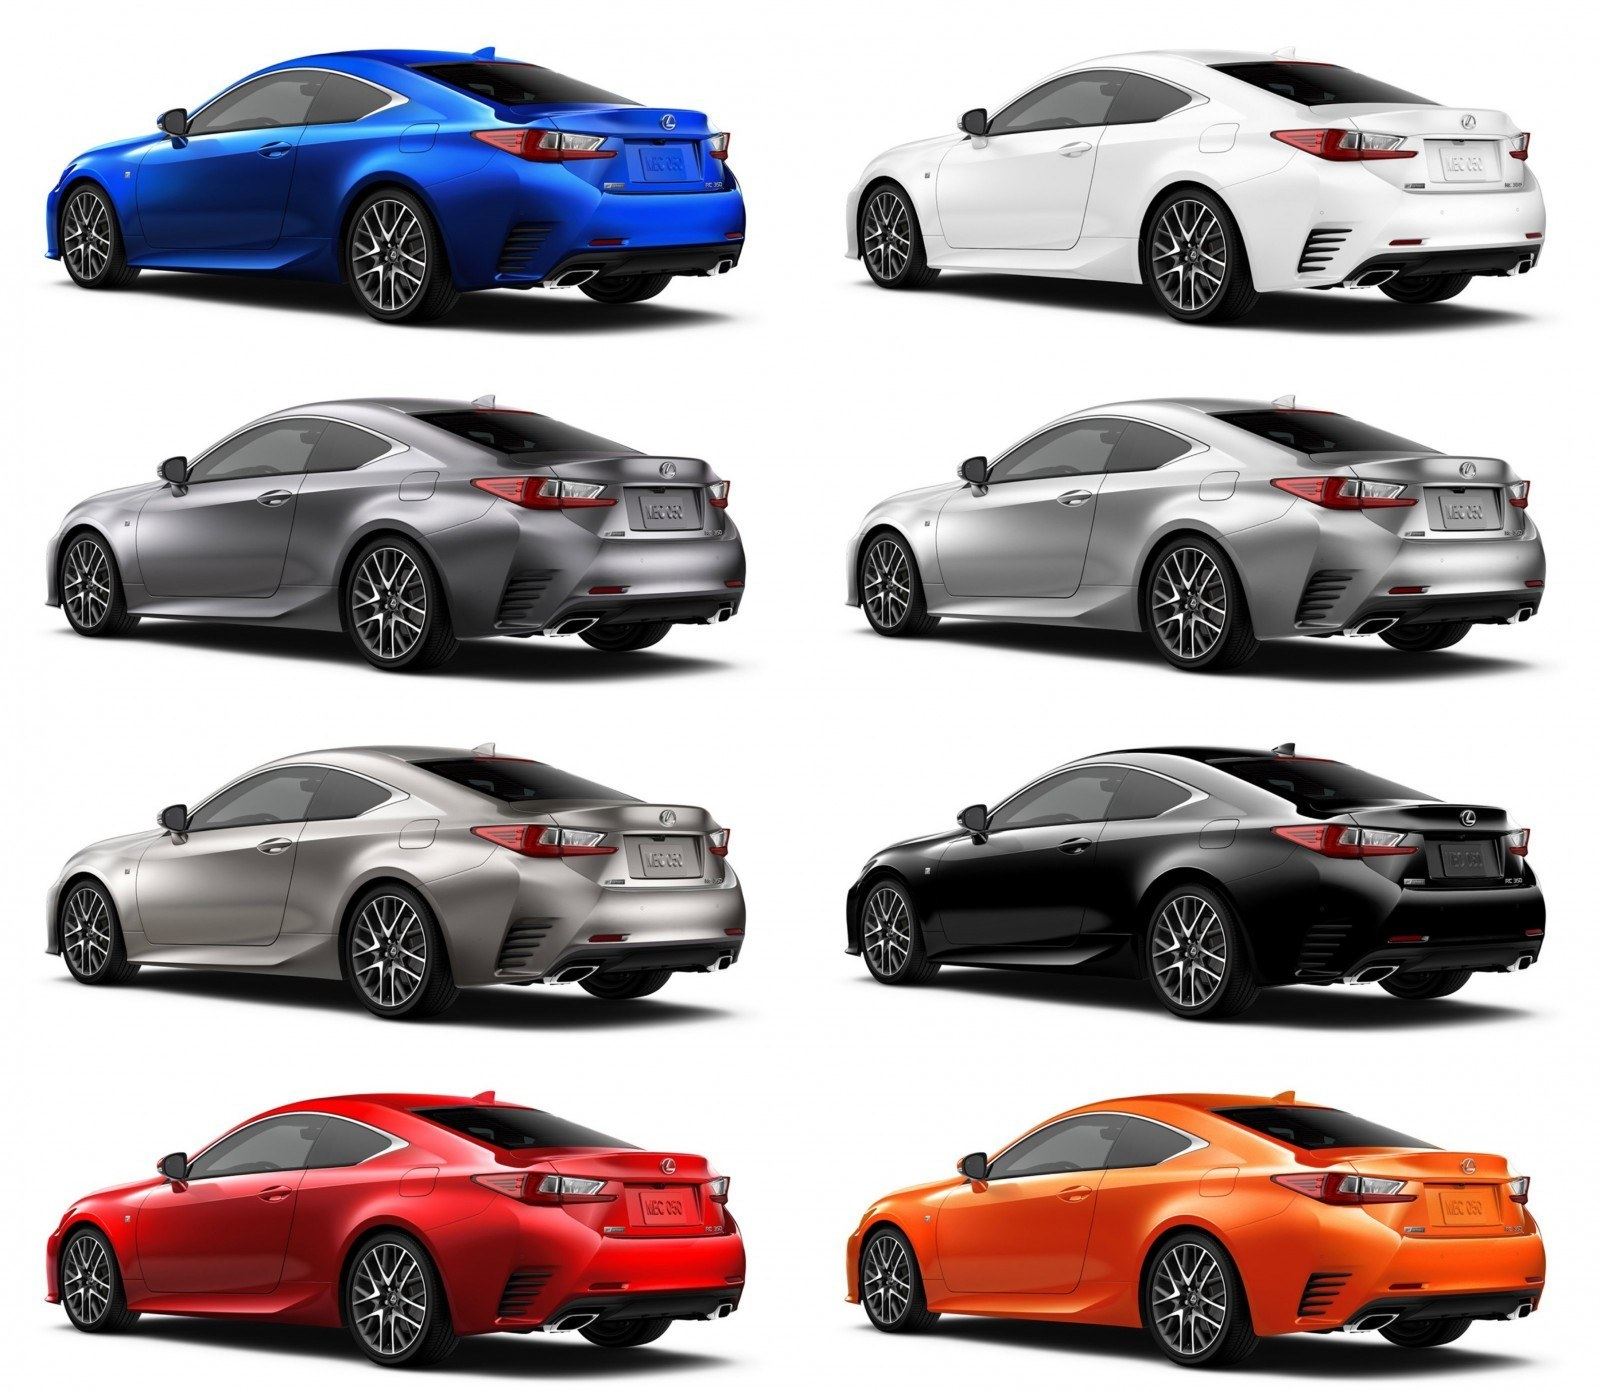 2015 Lexus RC350 Colors Visualizer + F Sport Vs Standard